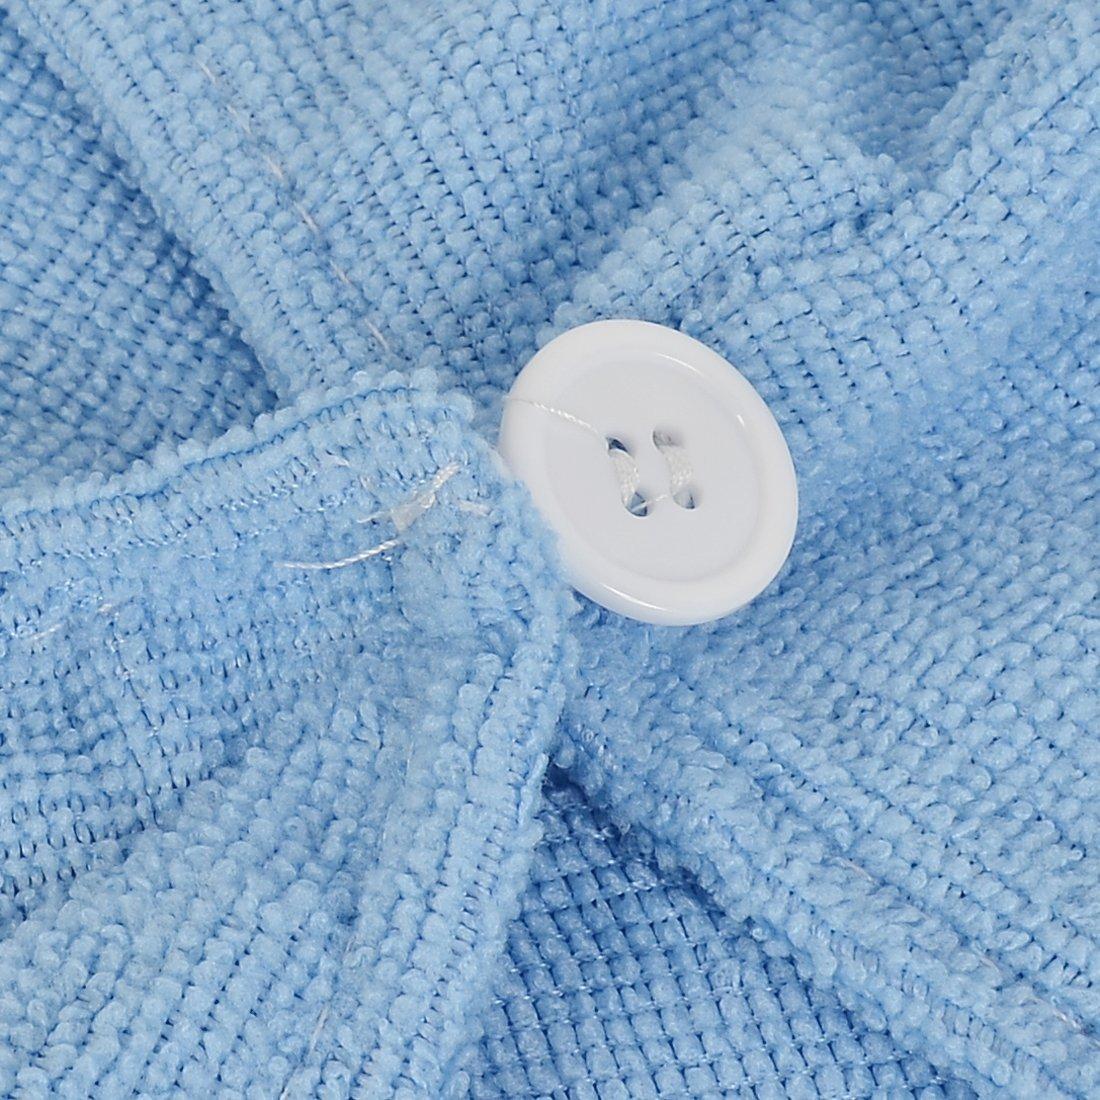 Amazon.com: Azul eDealMax viaje de baño Piscina Quik toalla de sequía de Pelo del Abrigo seco del casquillo del Sombrero 3pcs: Health & Personal Care